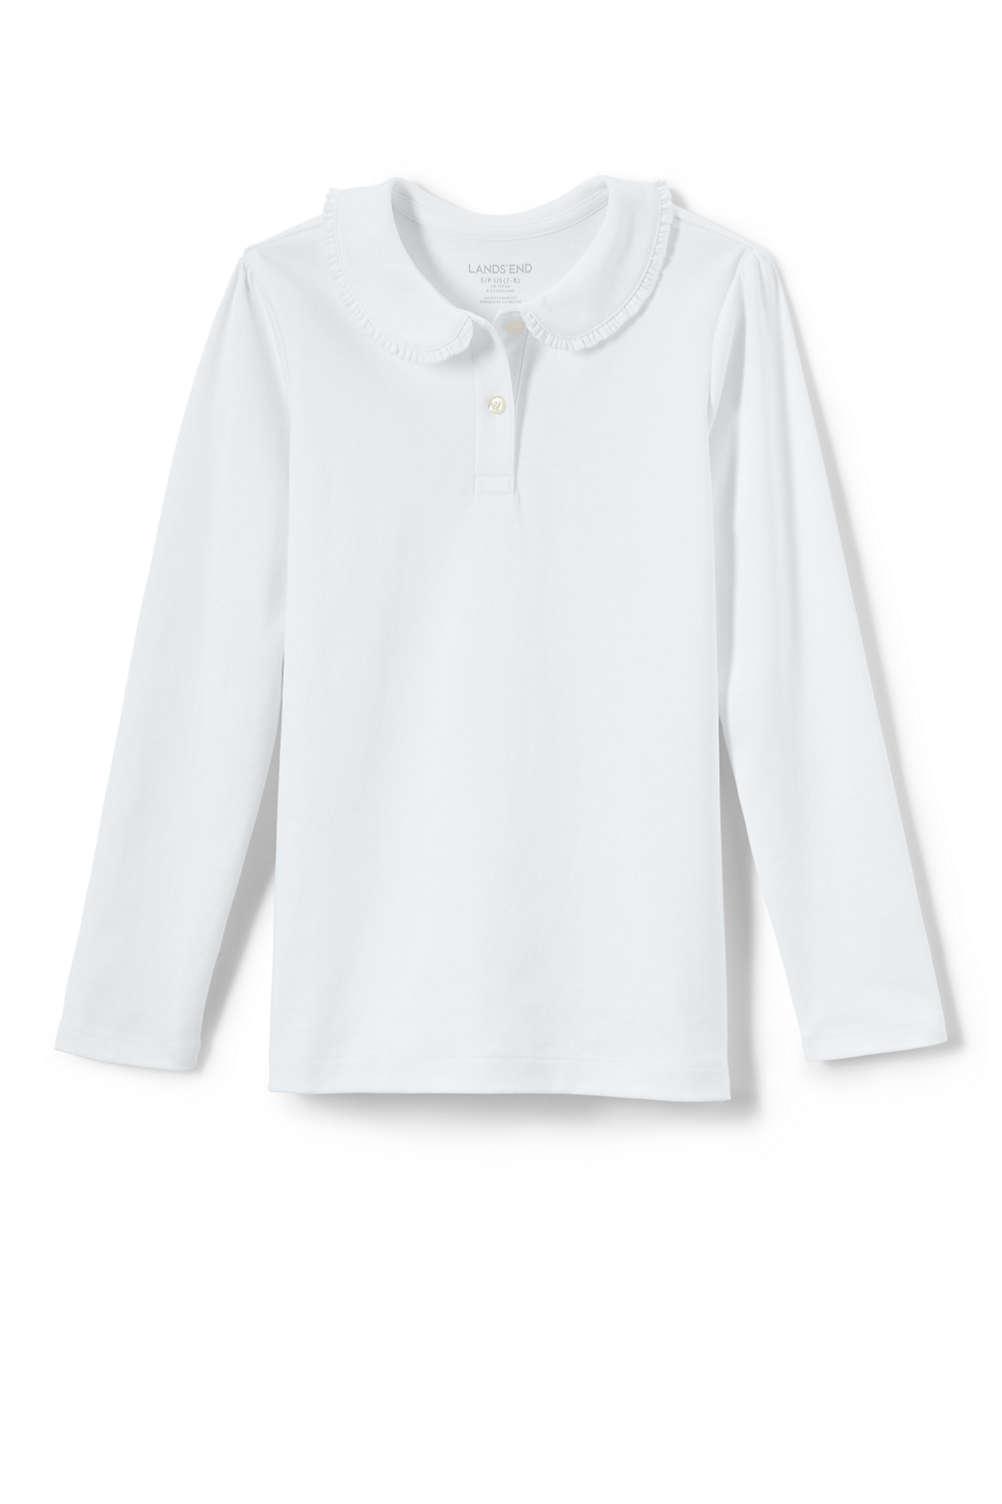 2c7f809d67c93b School Uniform Girls Long Sleeve Ruffle Collar Knit Peter Pan Shirt from  Lands  End